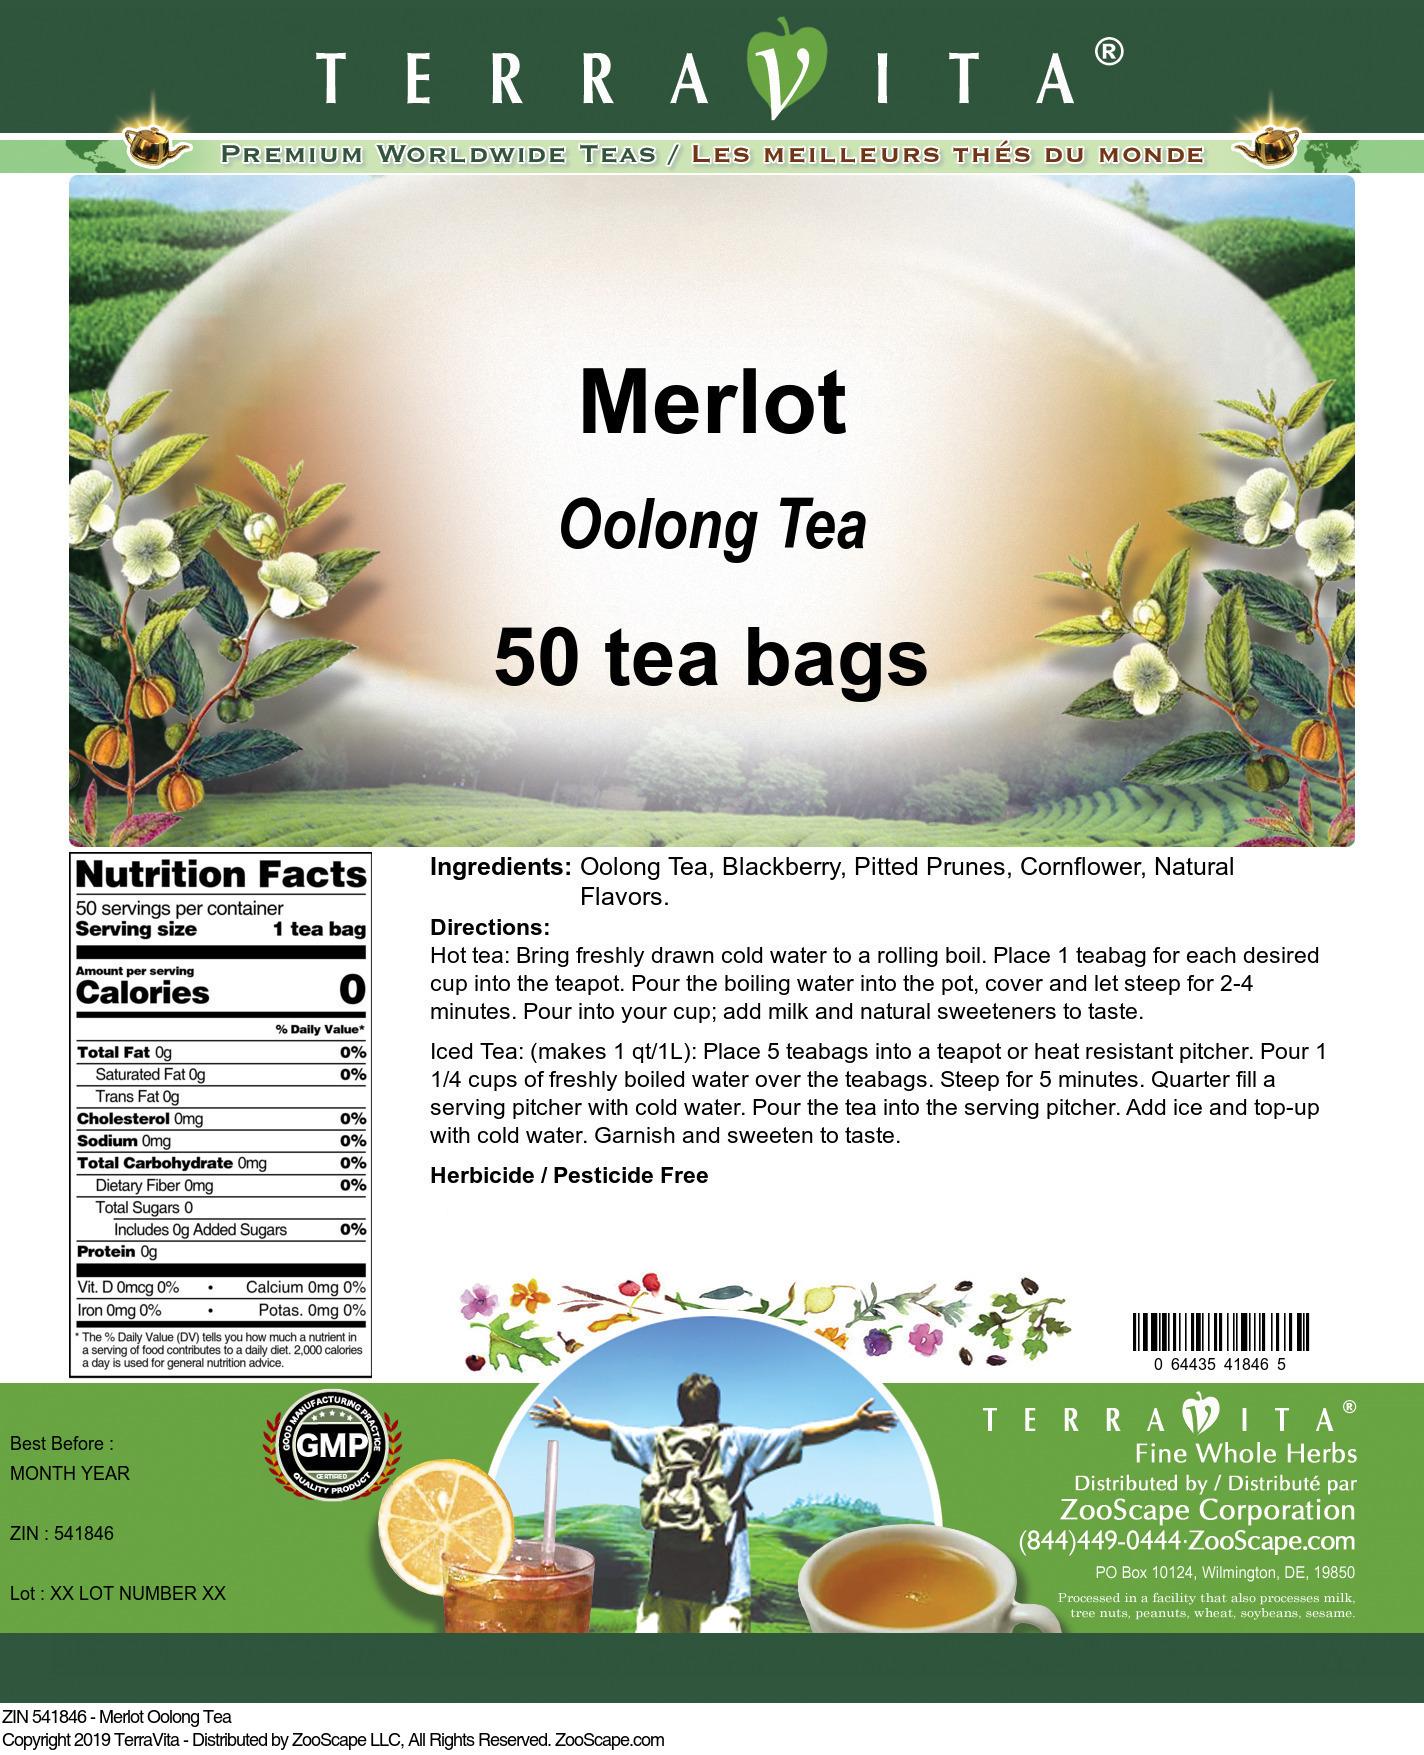 Merlot Oolong Tea